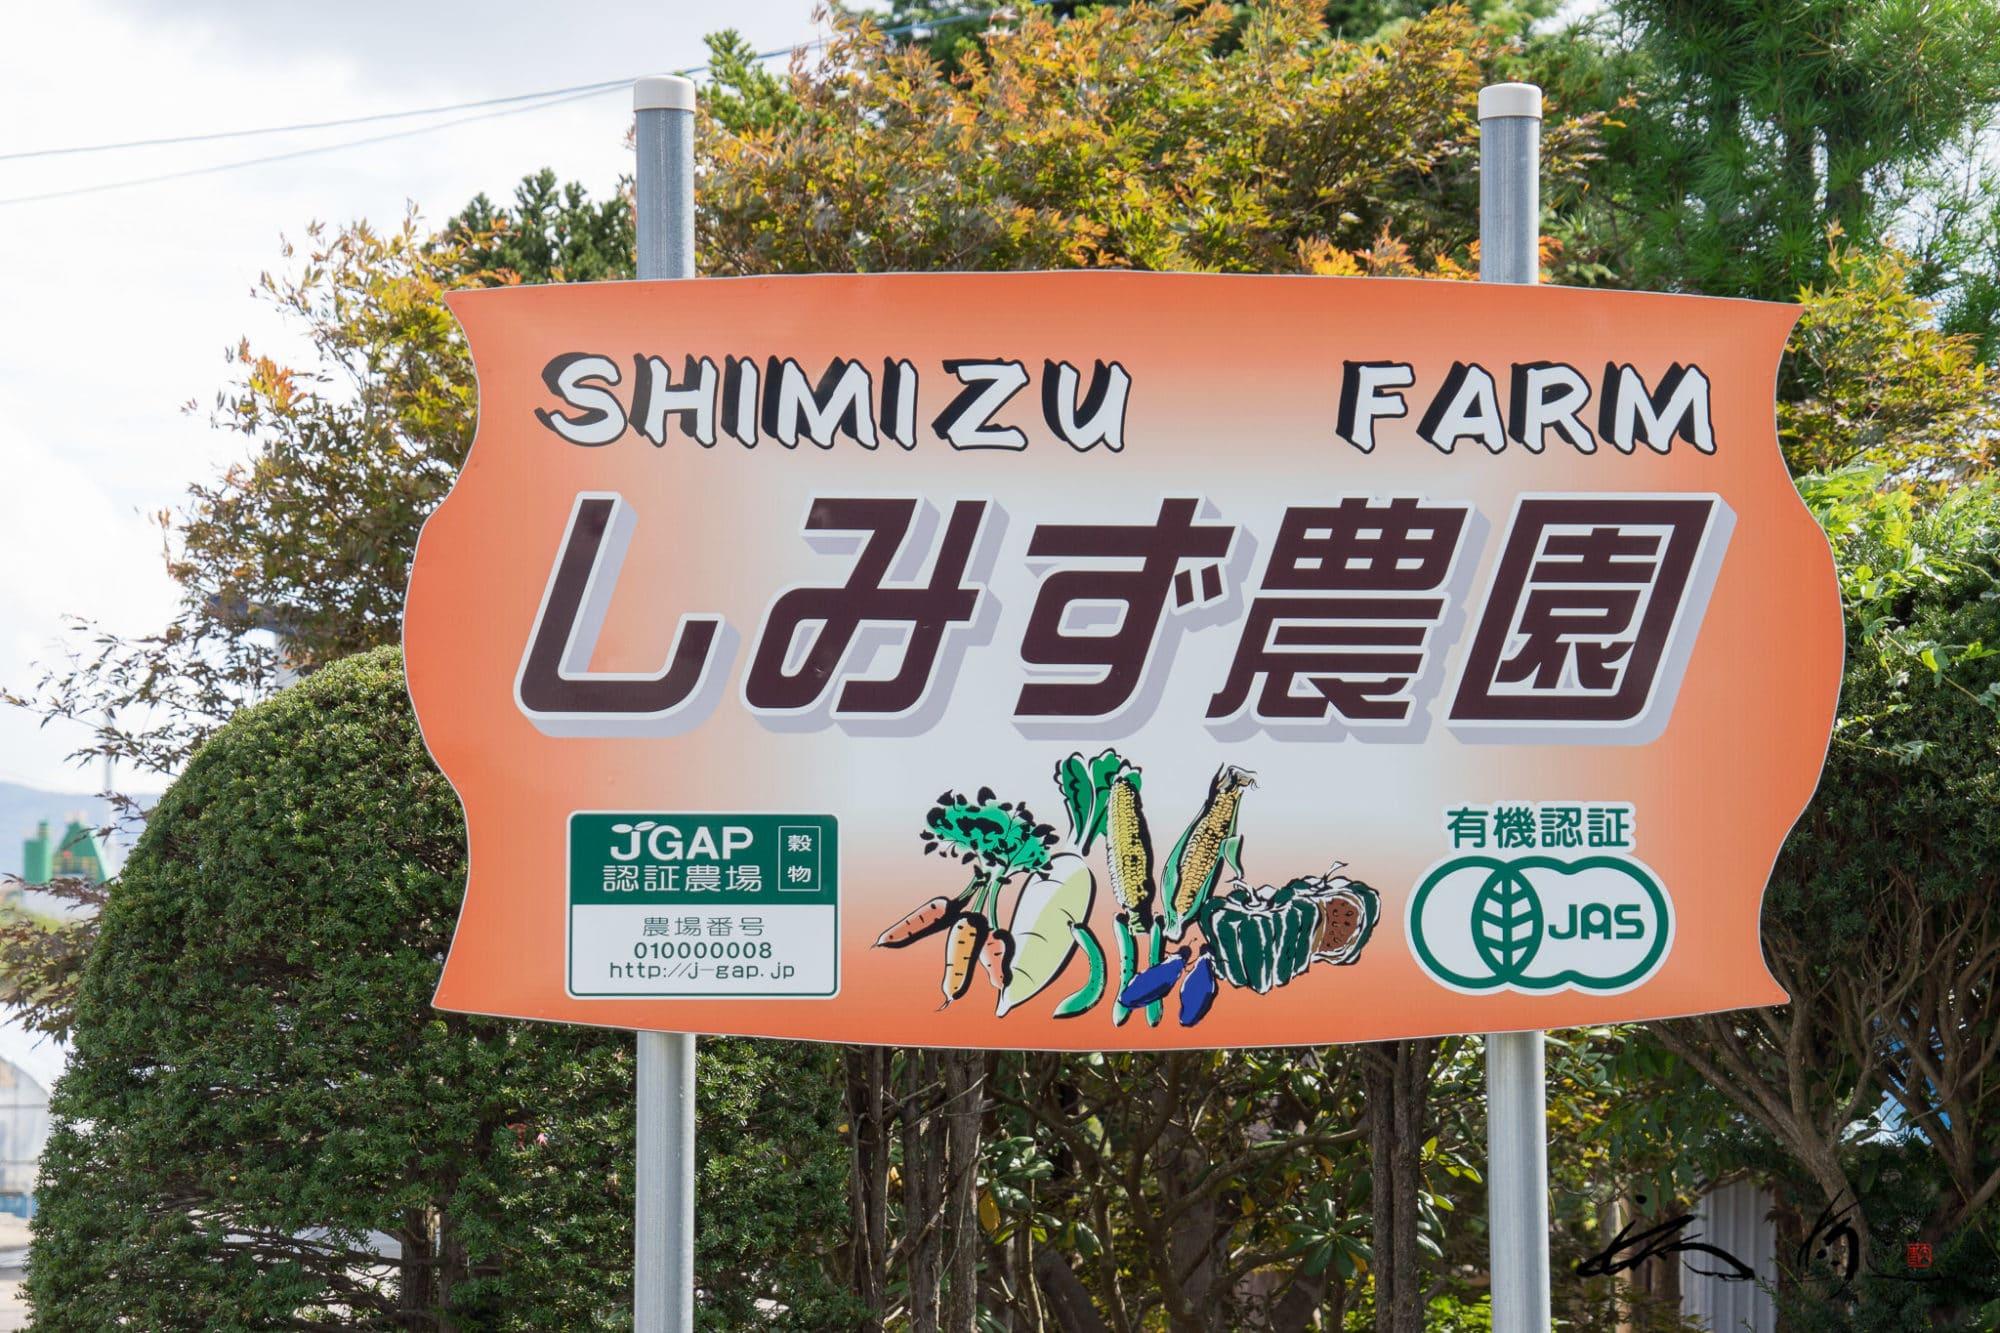 しみず農園・関川裕哉シェフ(北斗市)畑でレストラン 2016